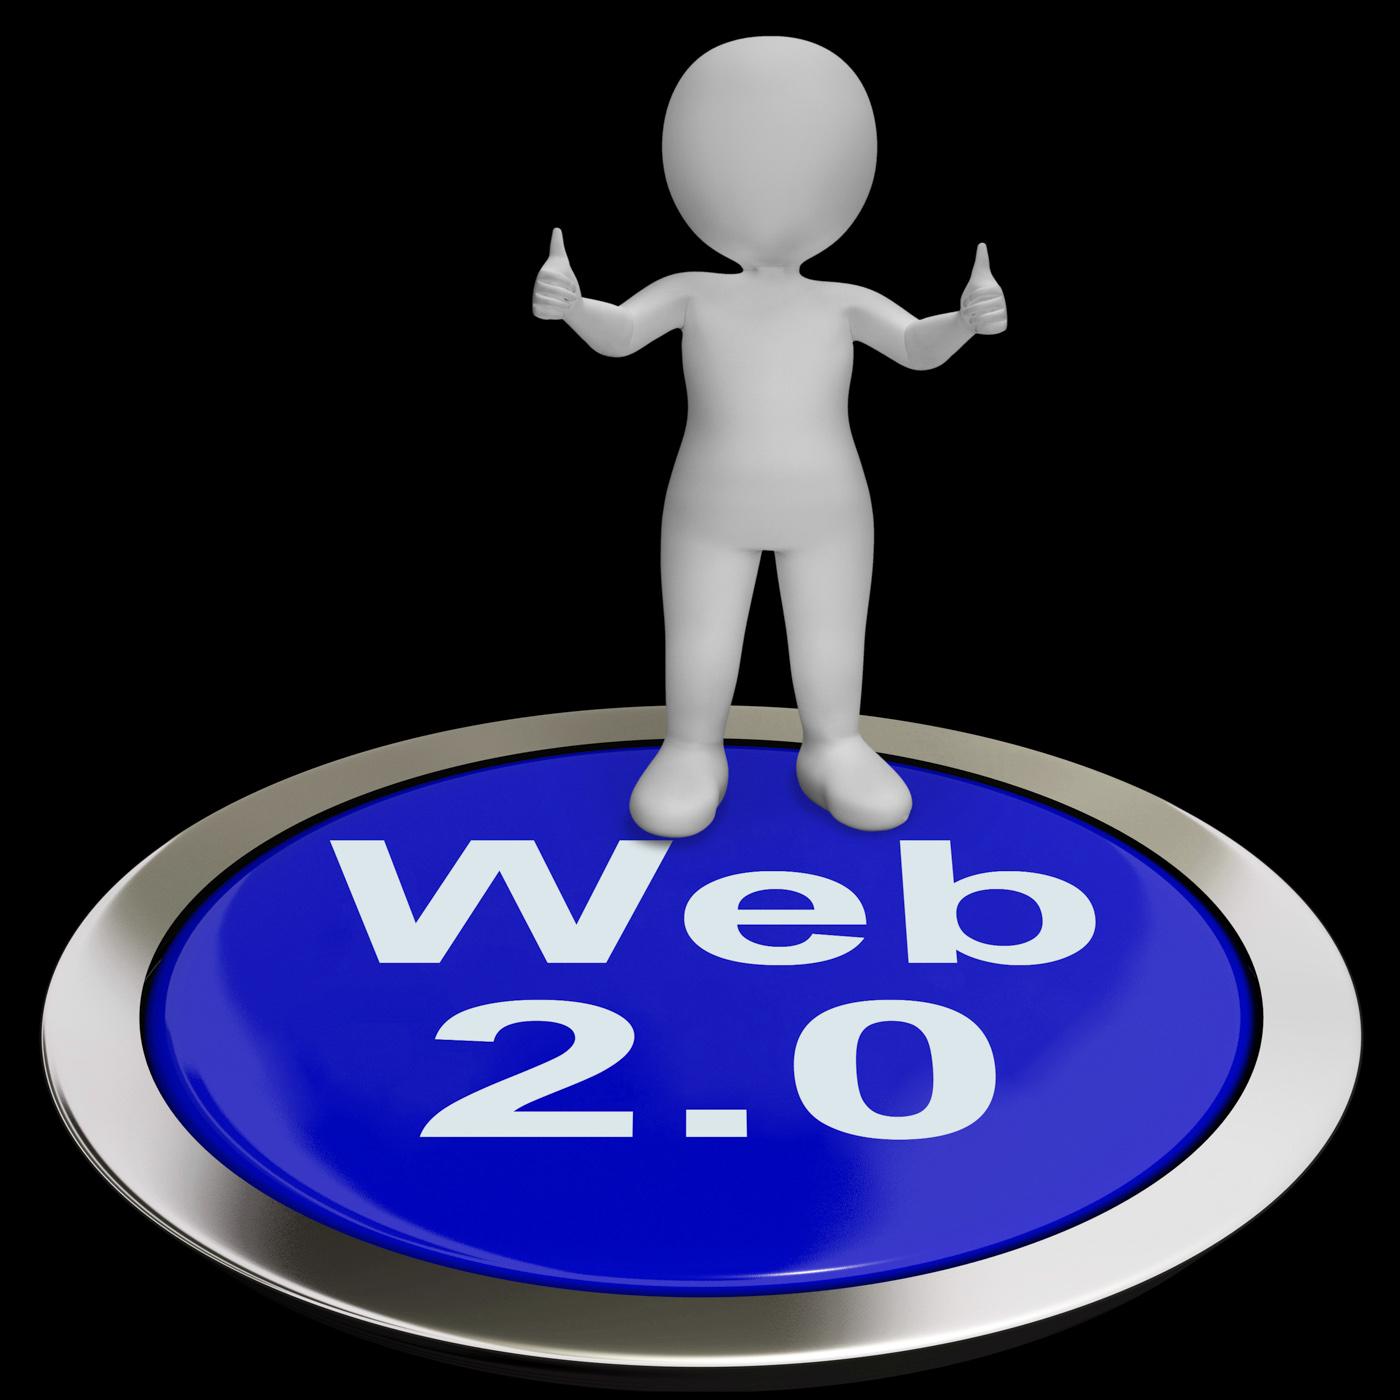 Web button means internet version or platform photo